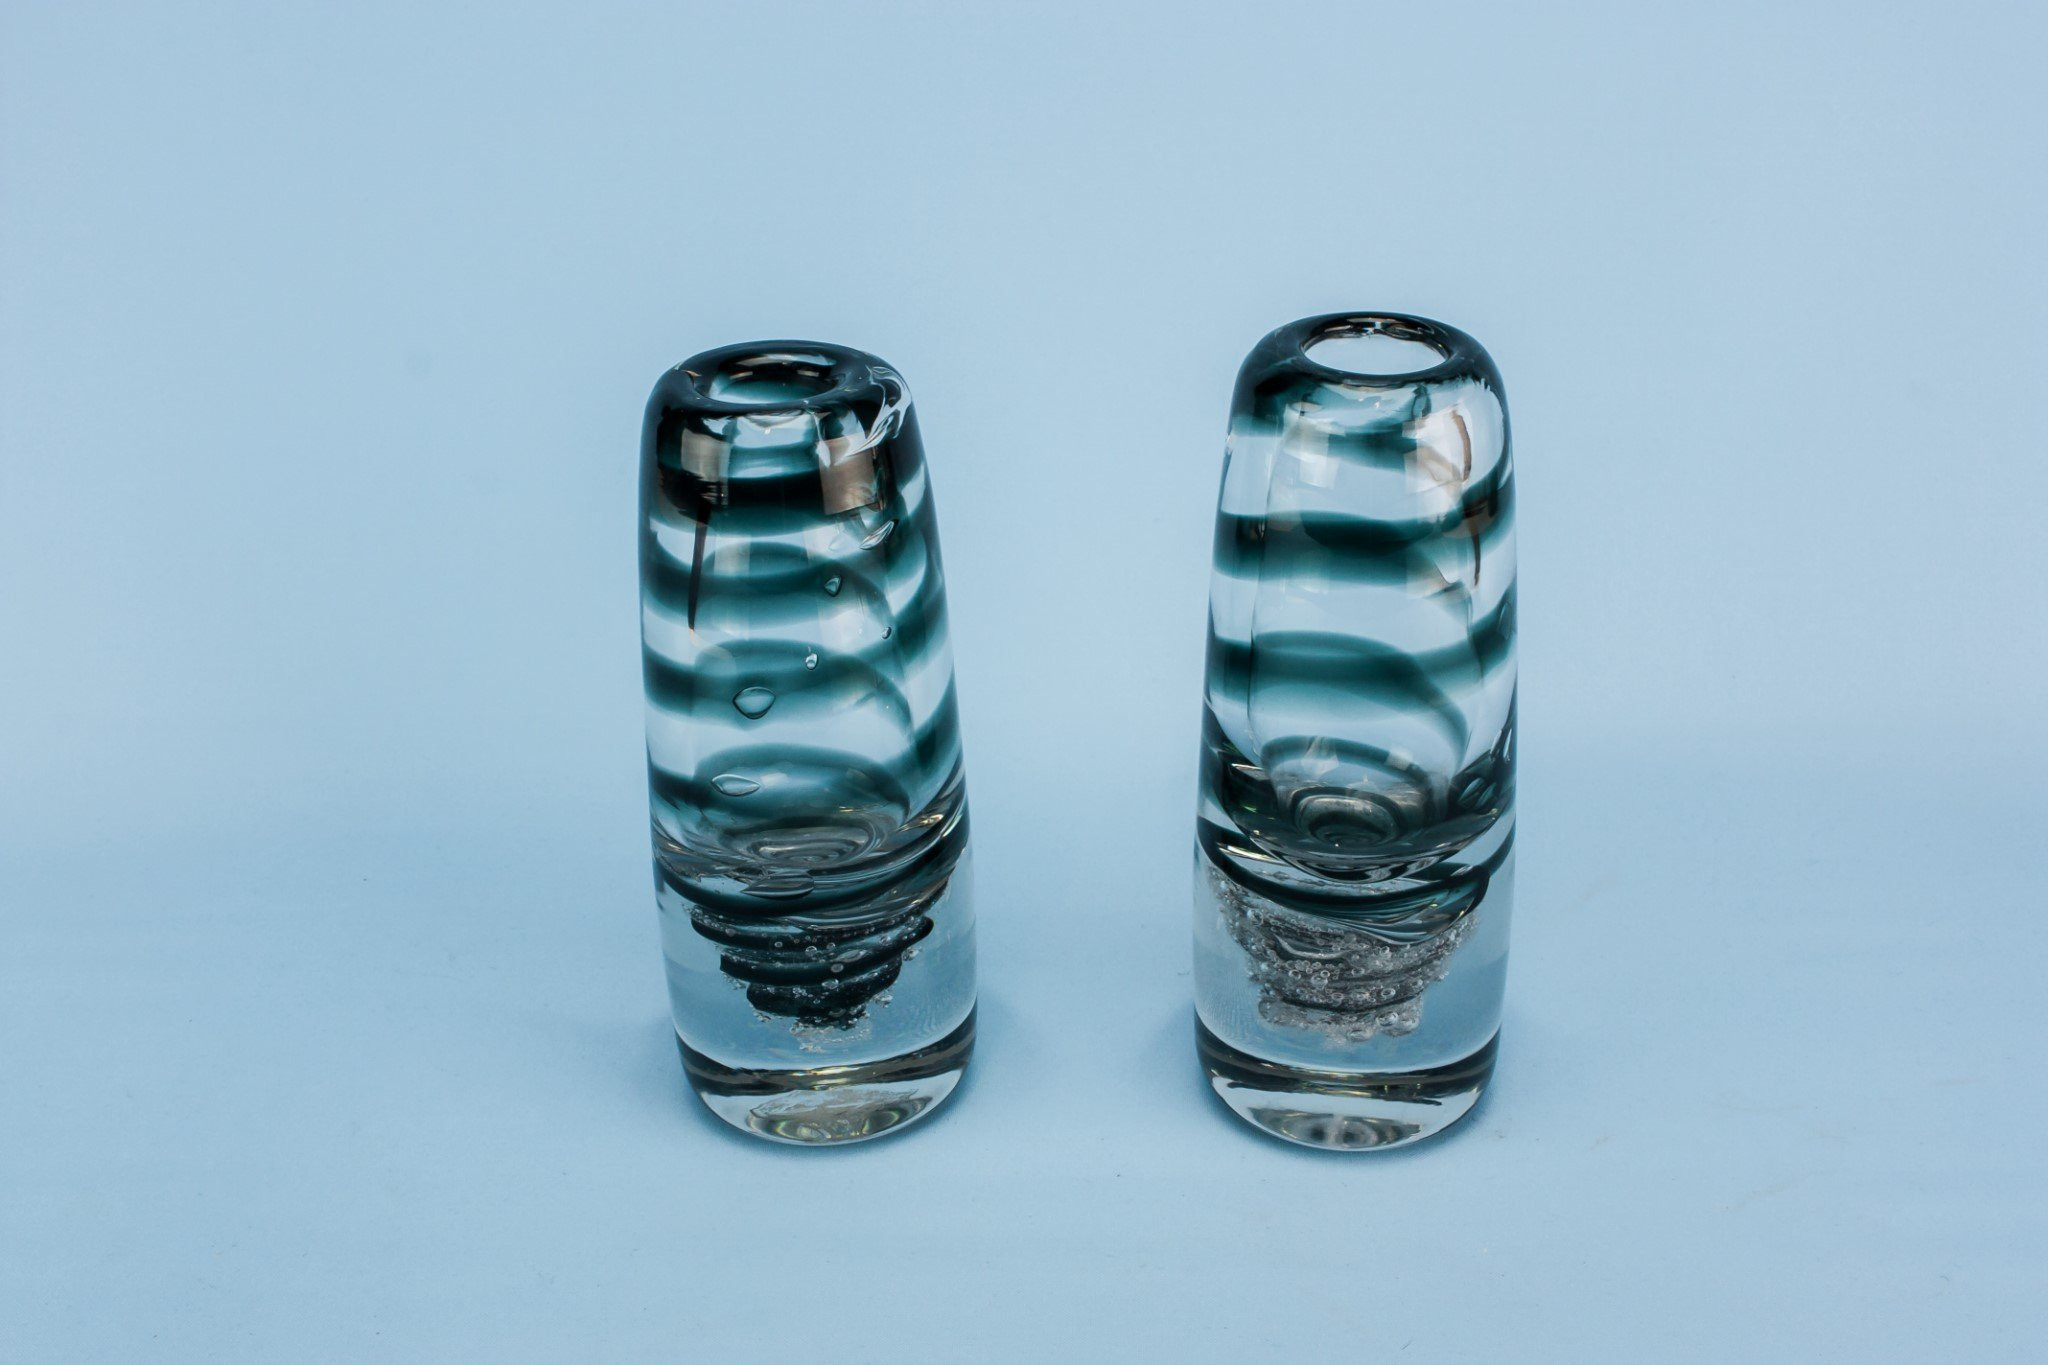 vintage clear glass flower vases of 17 fresh antique blue glass vases bogekompresorturkiye com for 2 glass vases